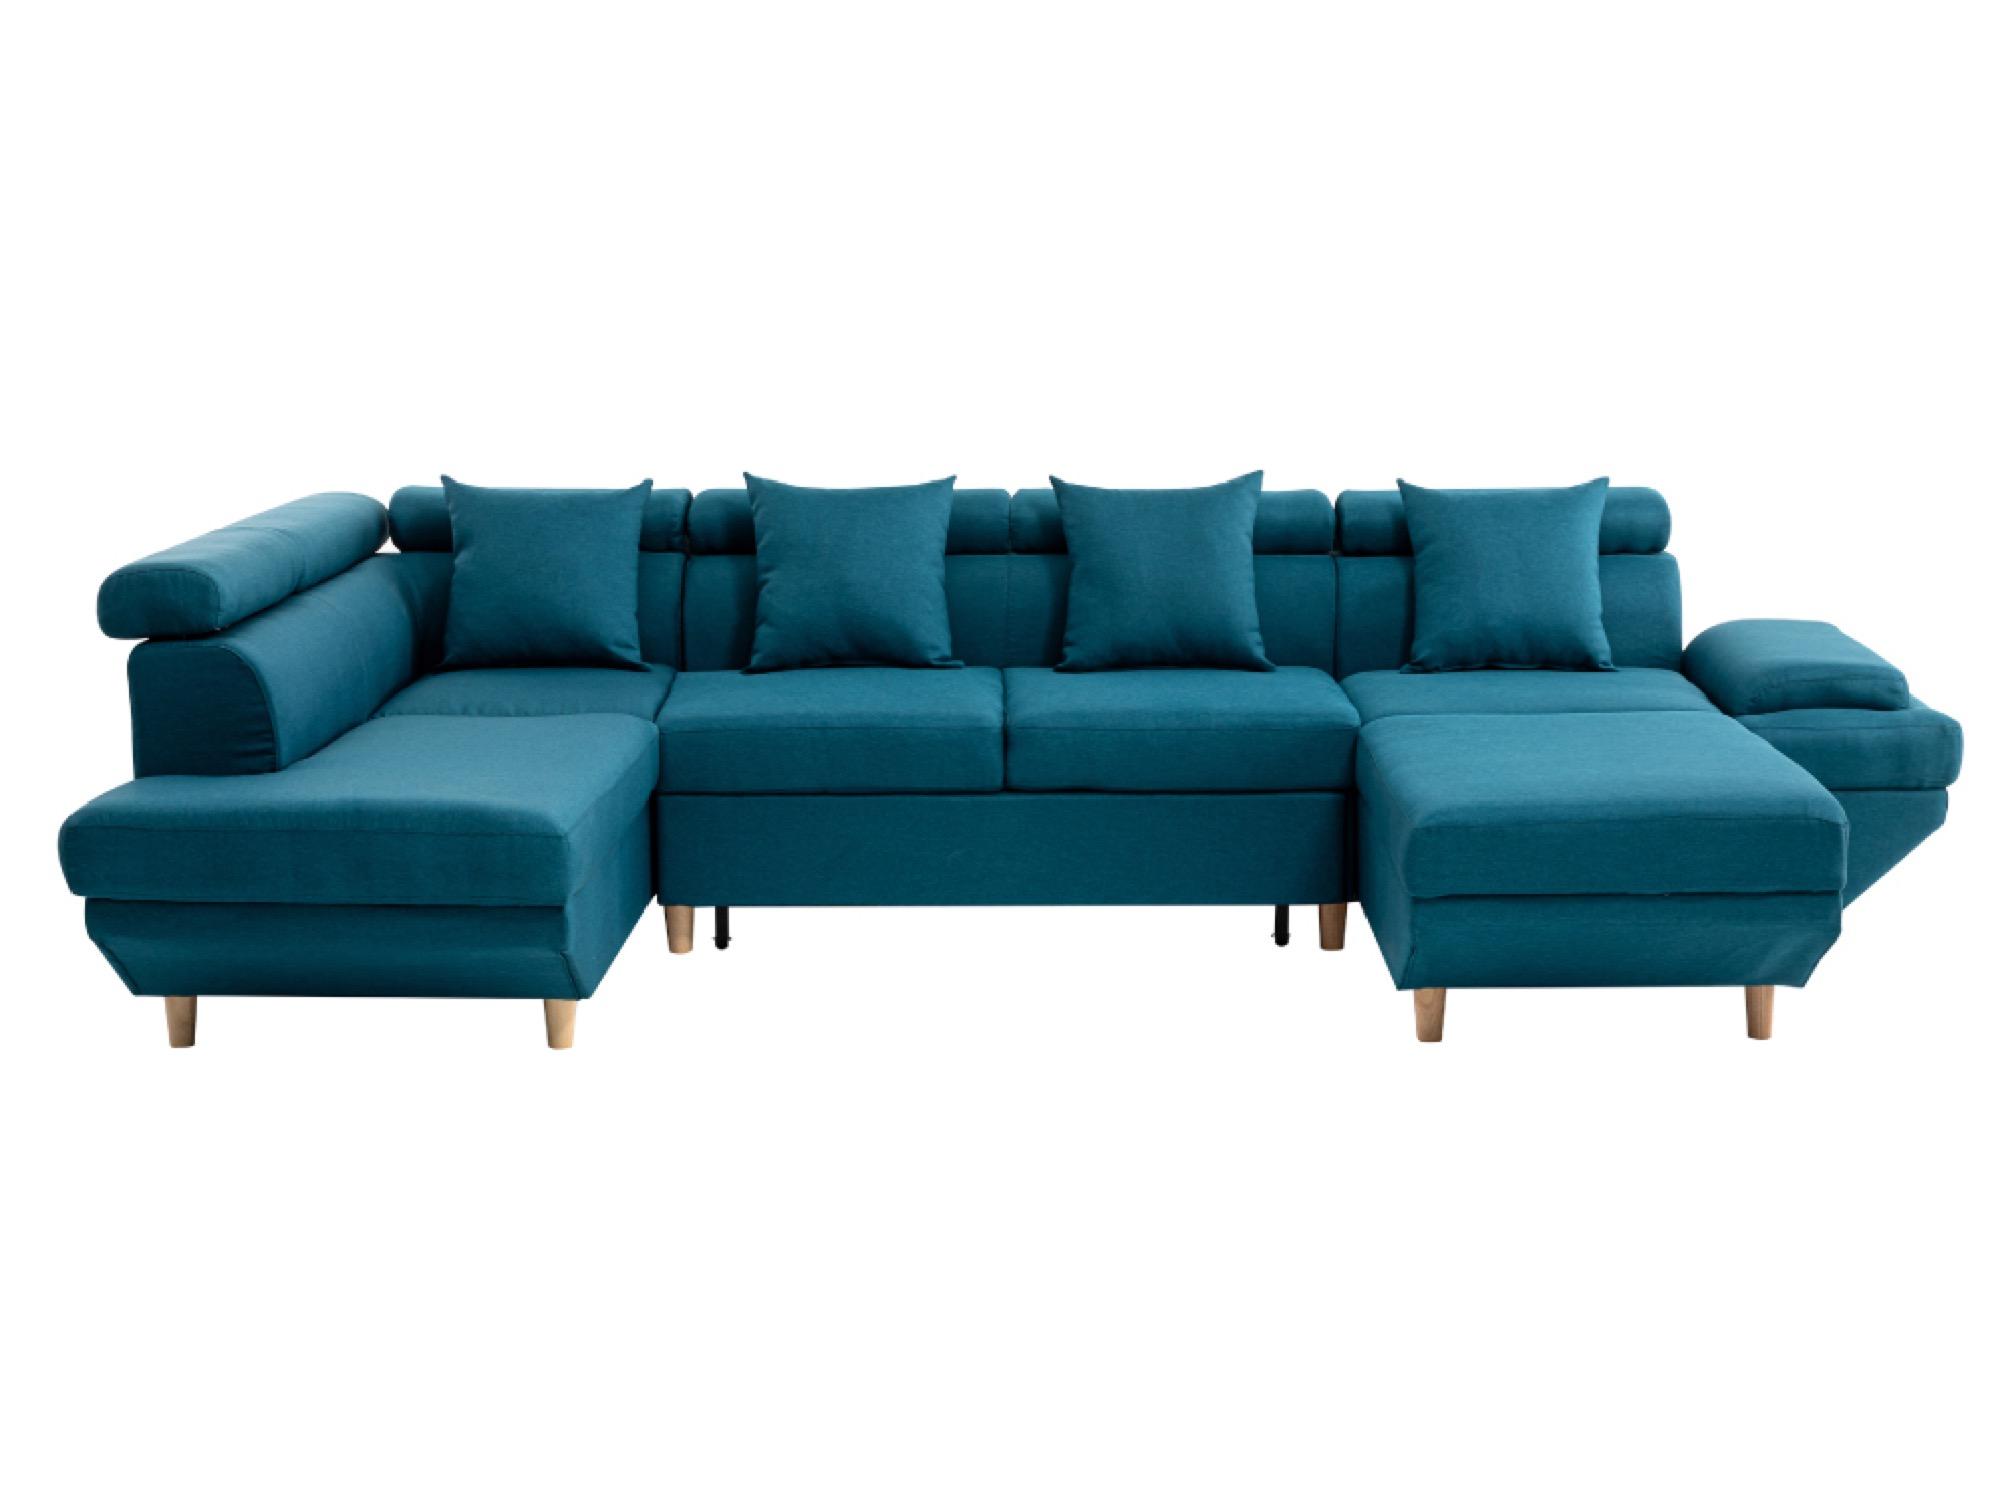 Canapé d'angle 6 places Bleu Tissu Design Confort